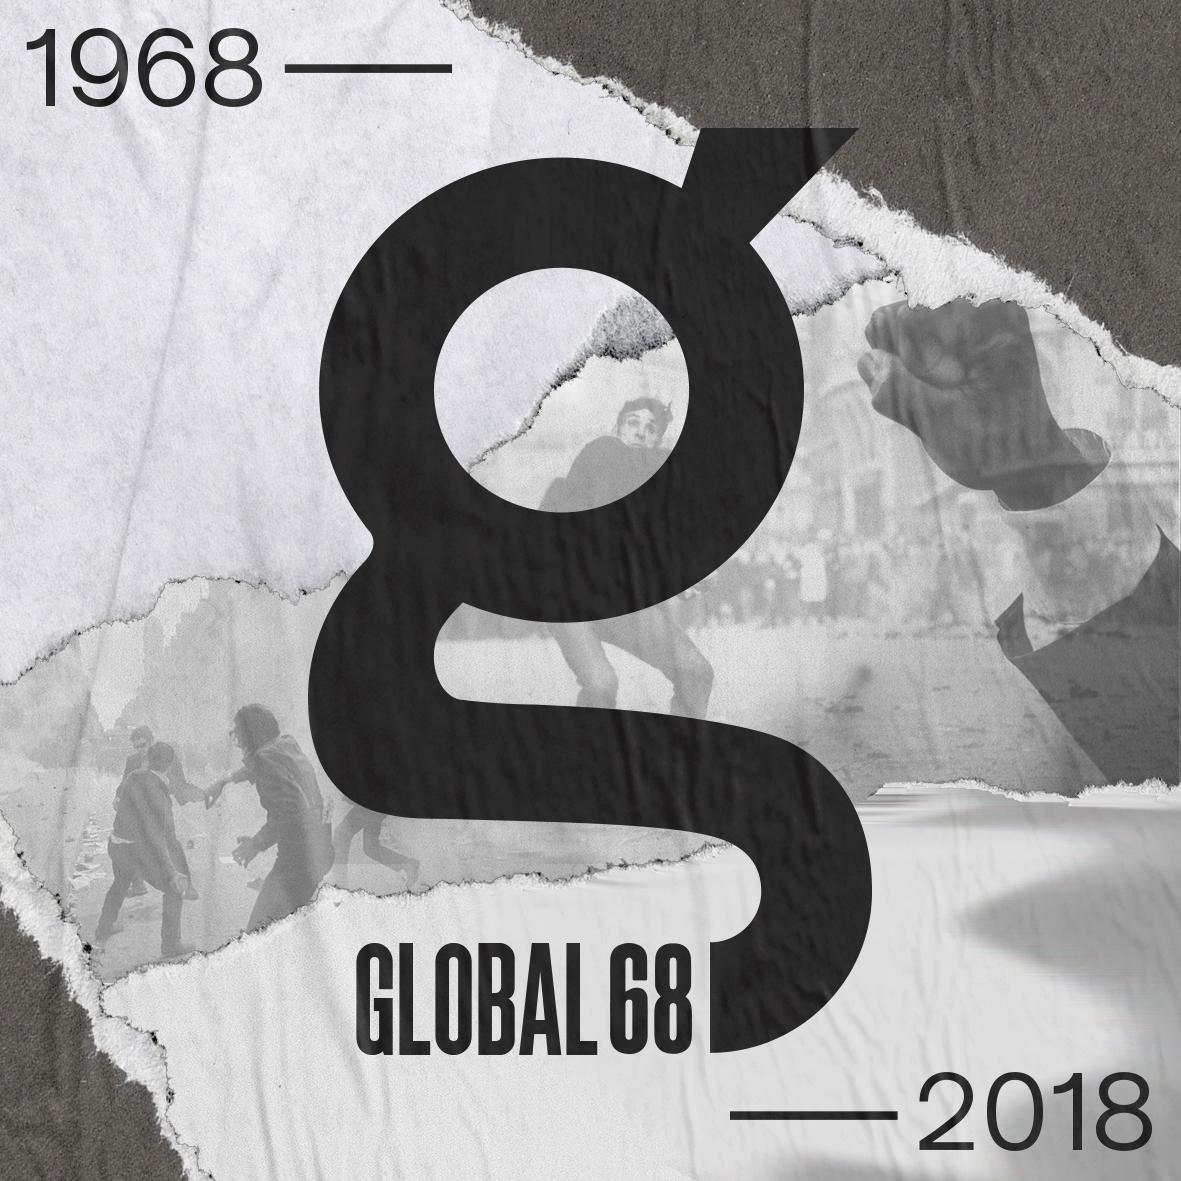 global68Nanterre